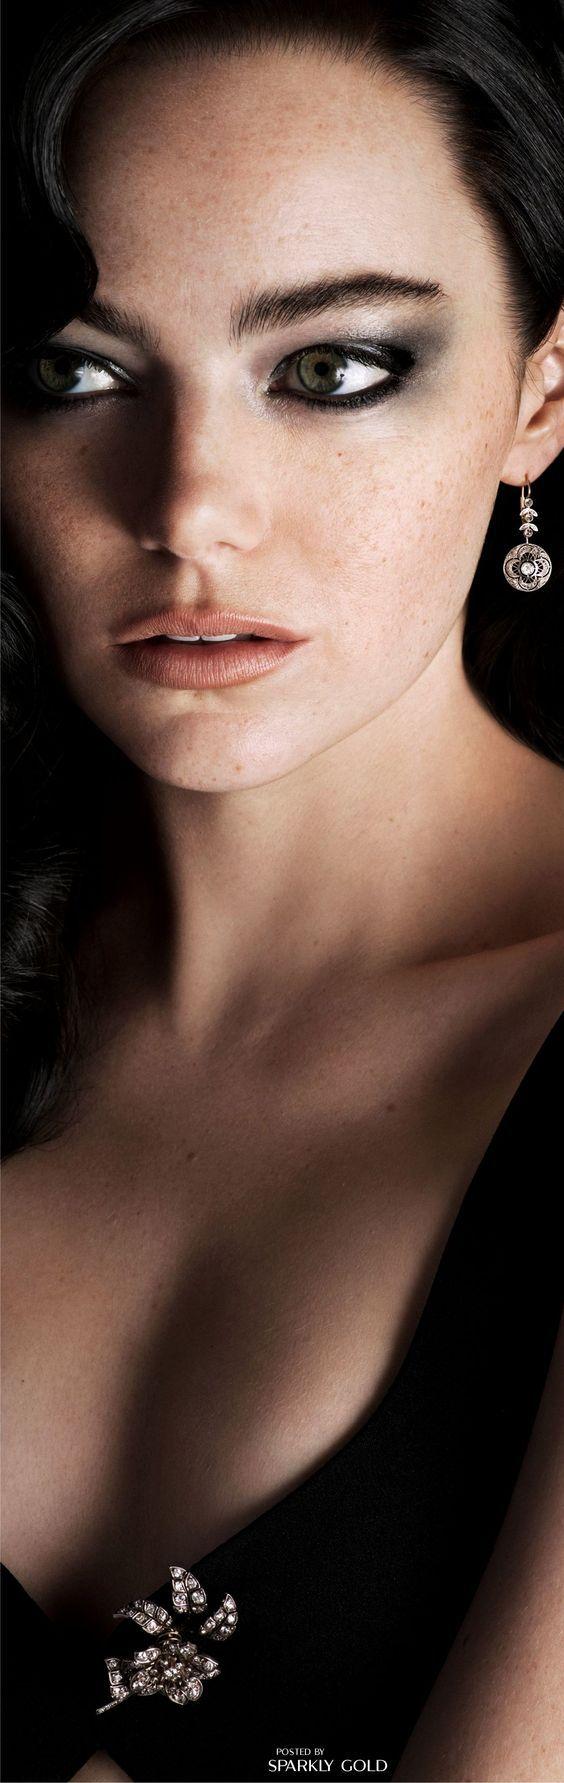 Emma Stone Vogue Nov 16